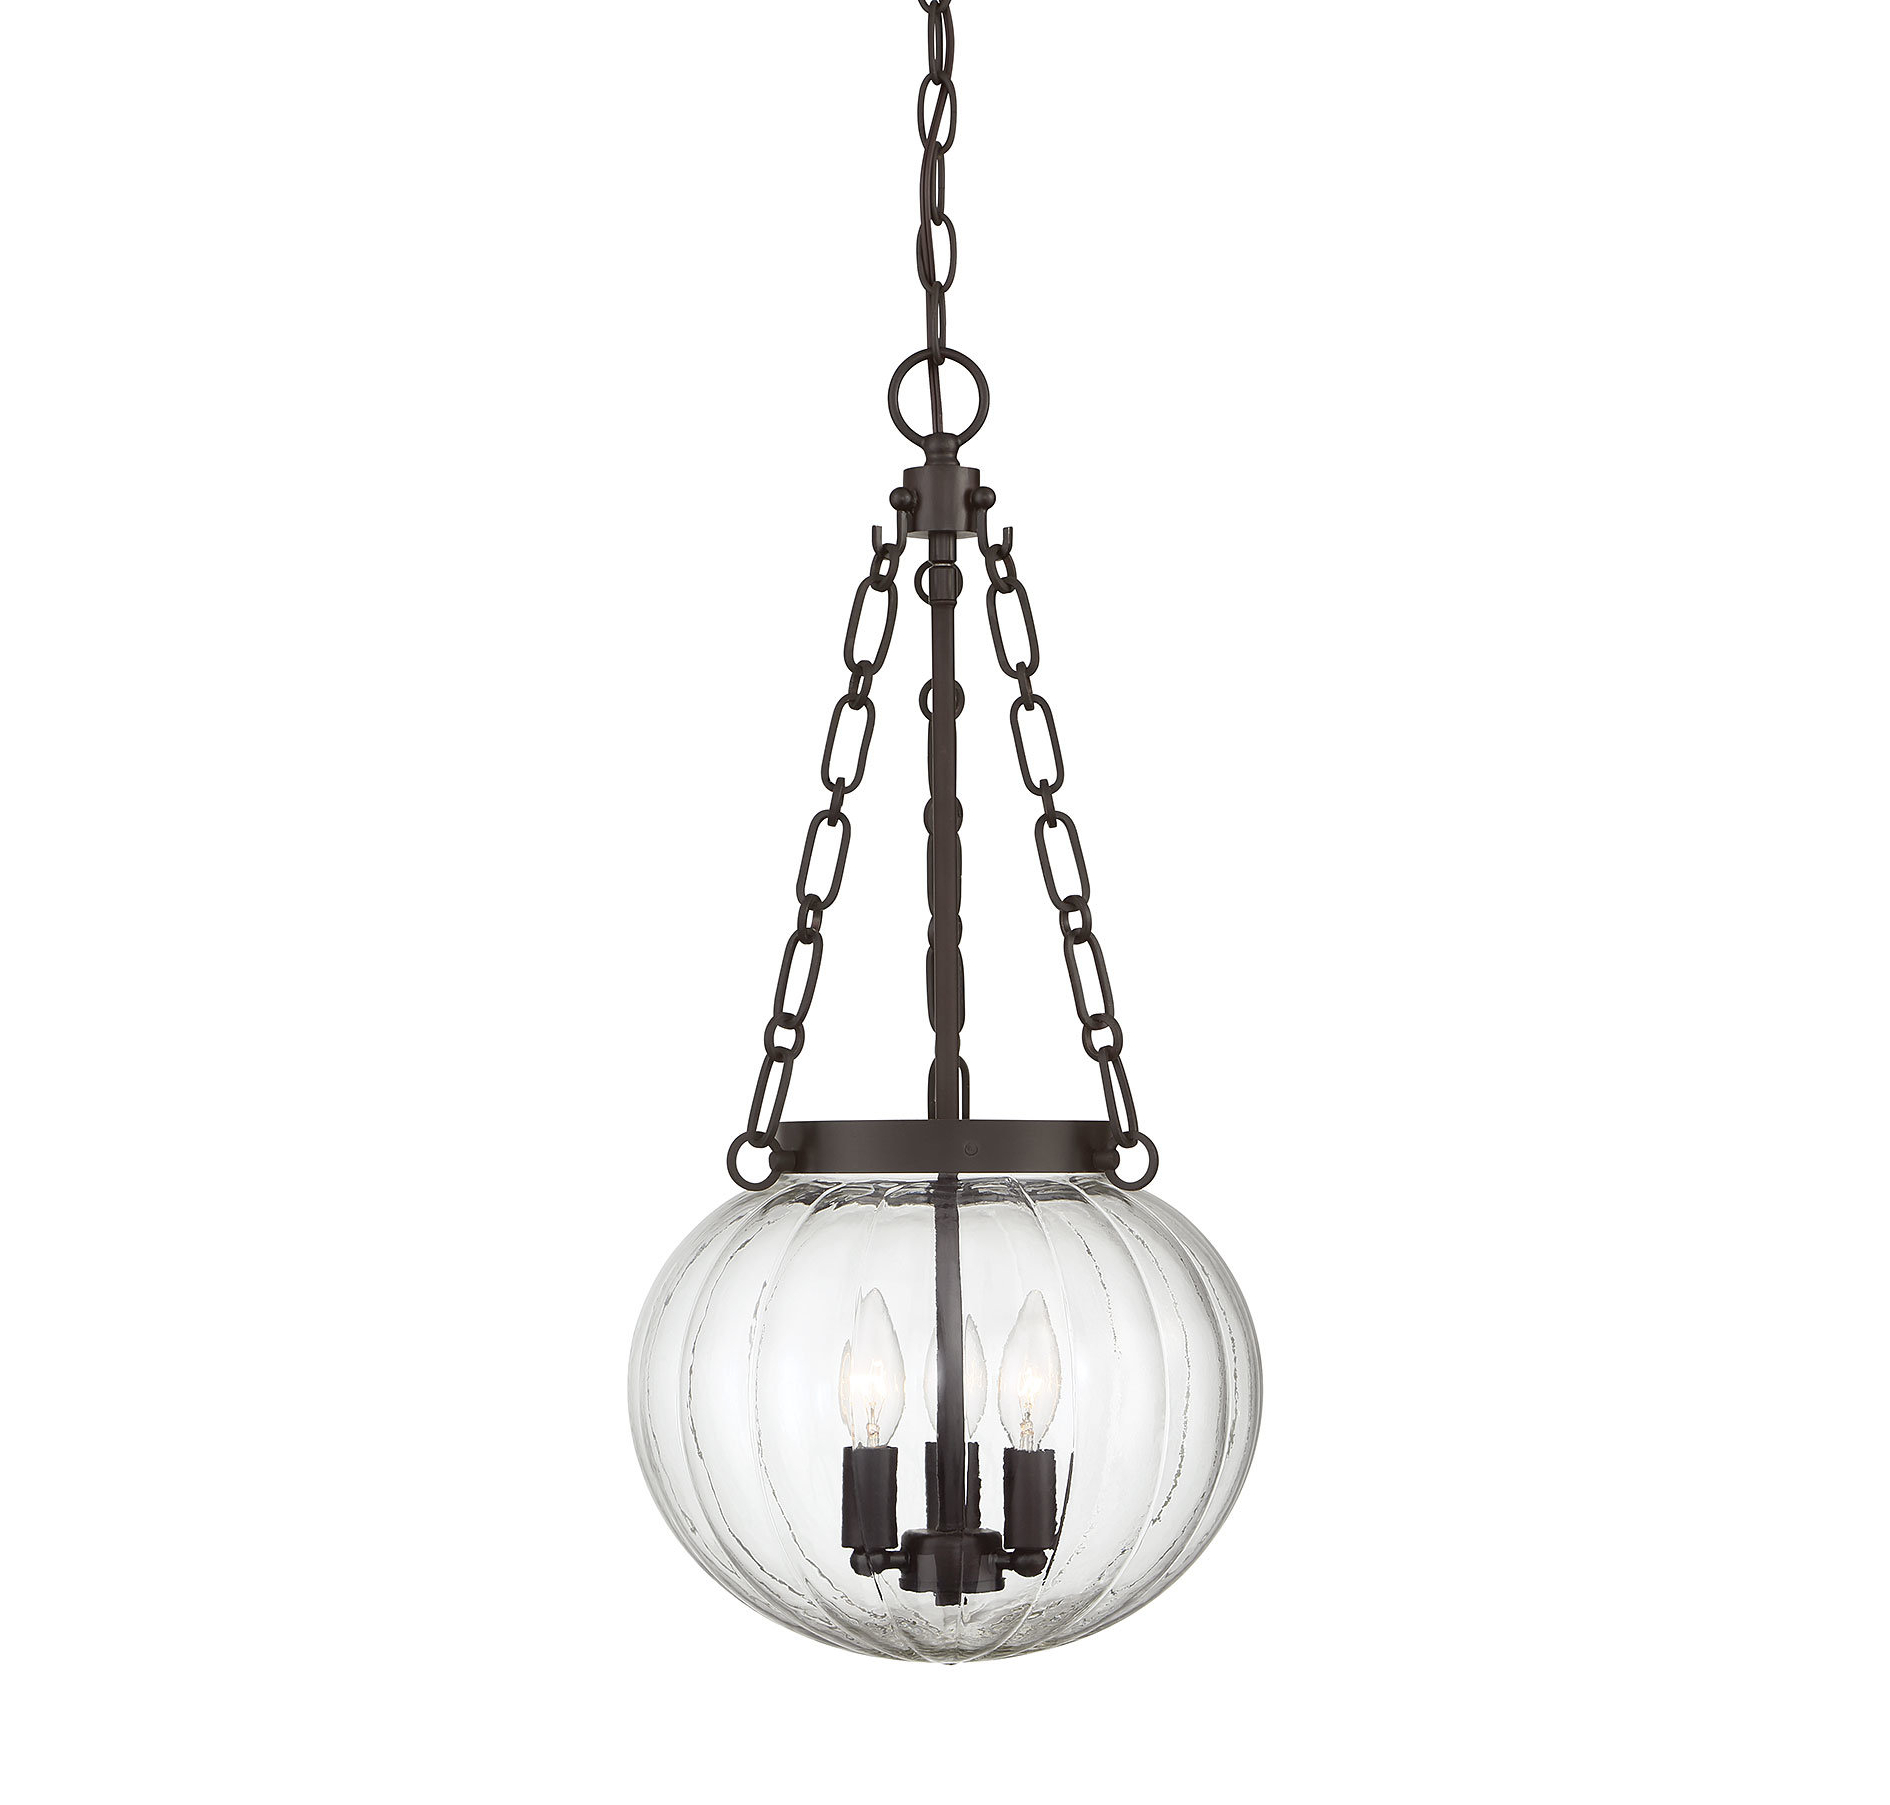 Popular Emrick 3 Light Single Globe Pendant Intended For Kilby 1 Light Pendants (View 17 of 25)